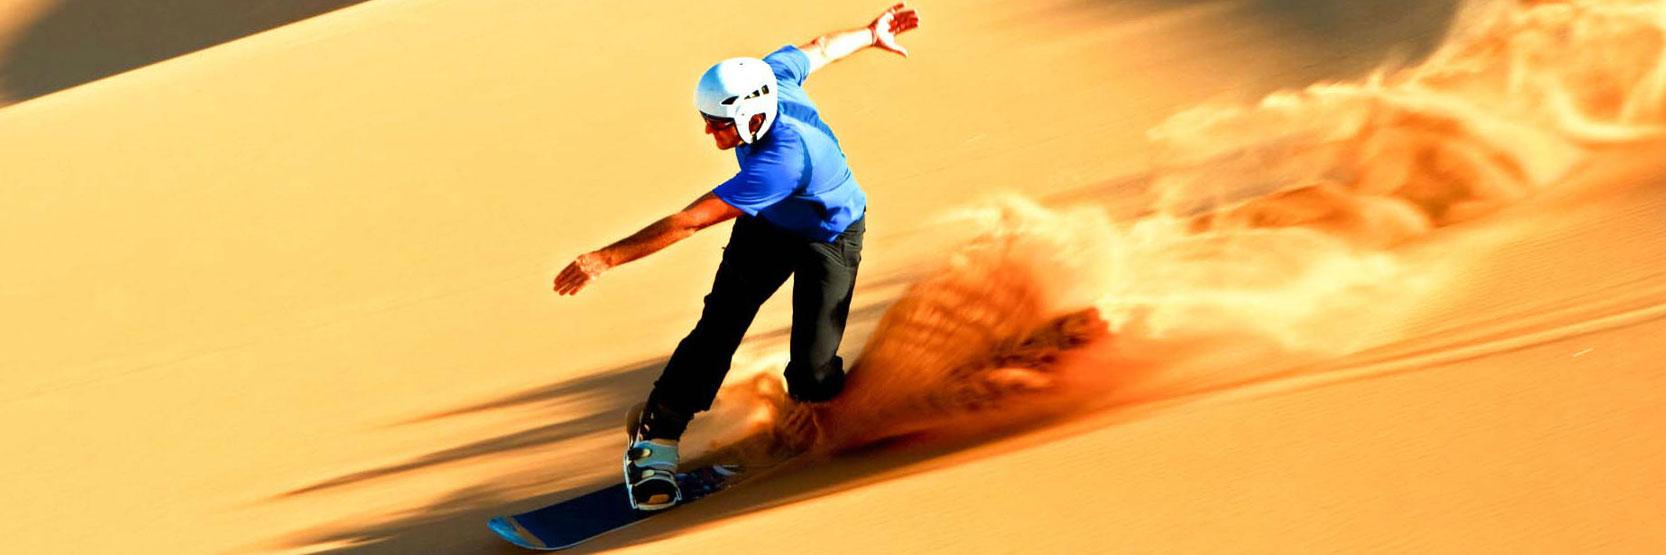 تعرف على رياضة التزلج على الرمال